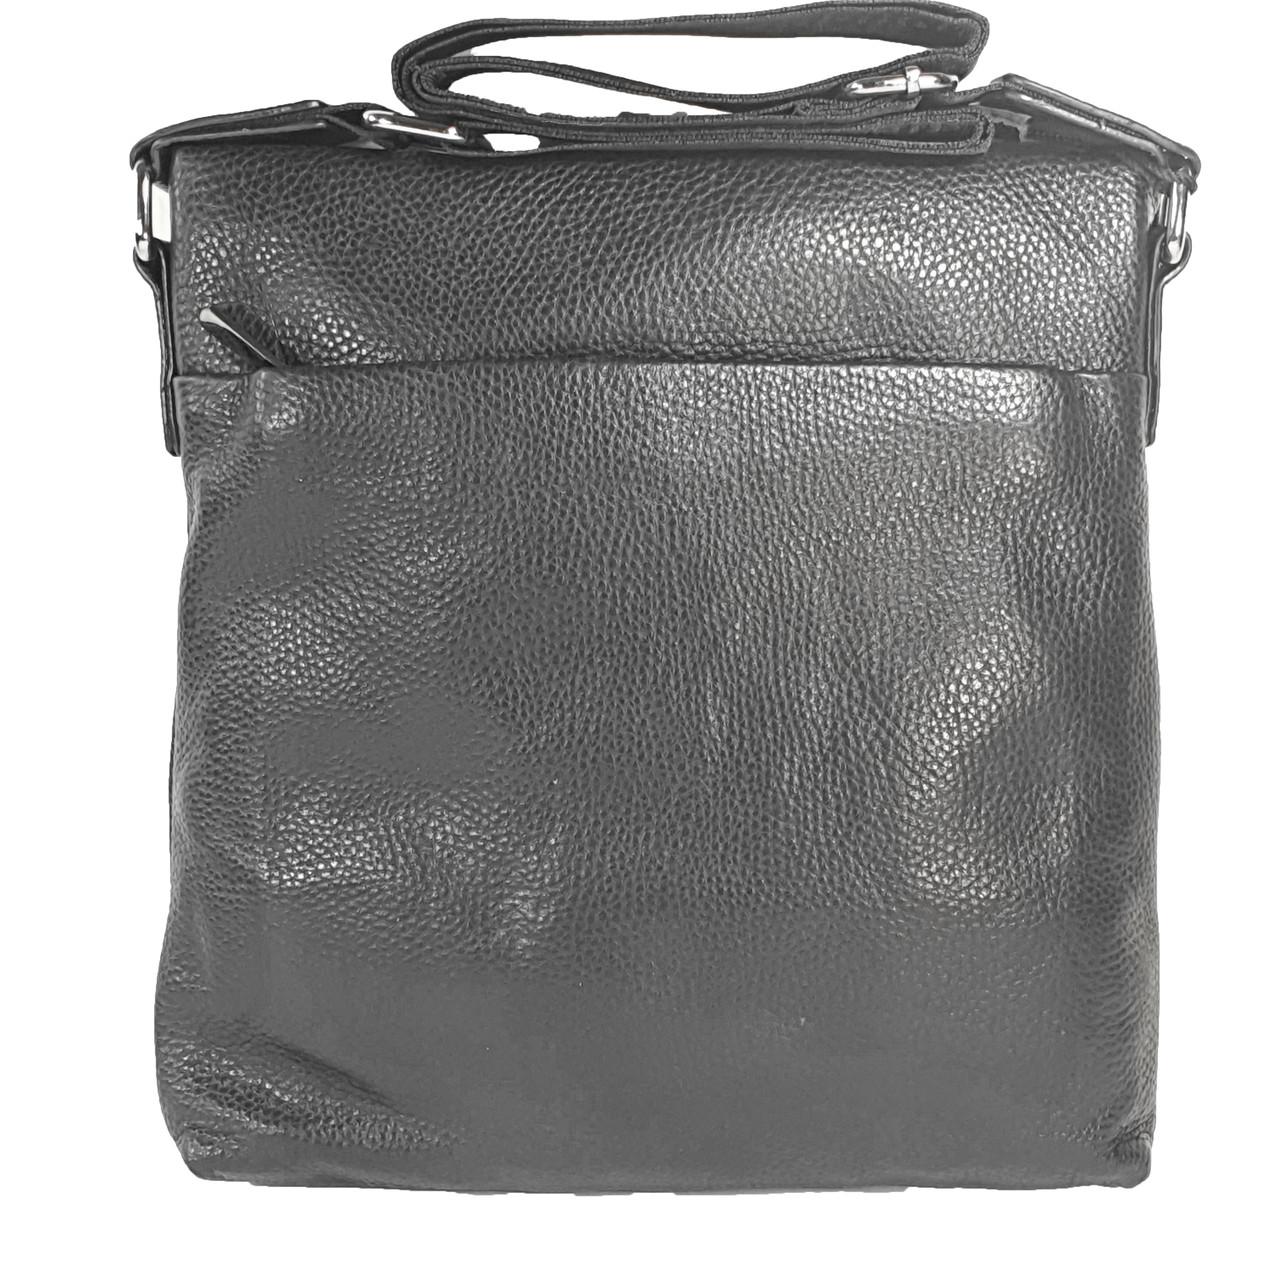 Мужская сумка из натуральной кожи без клапана, большая